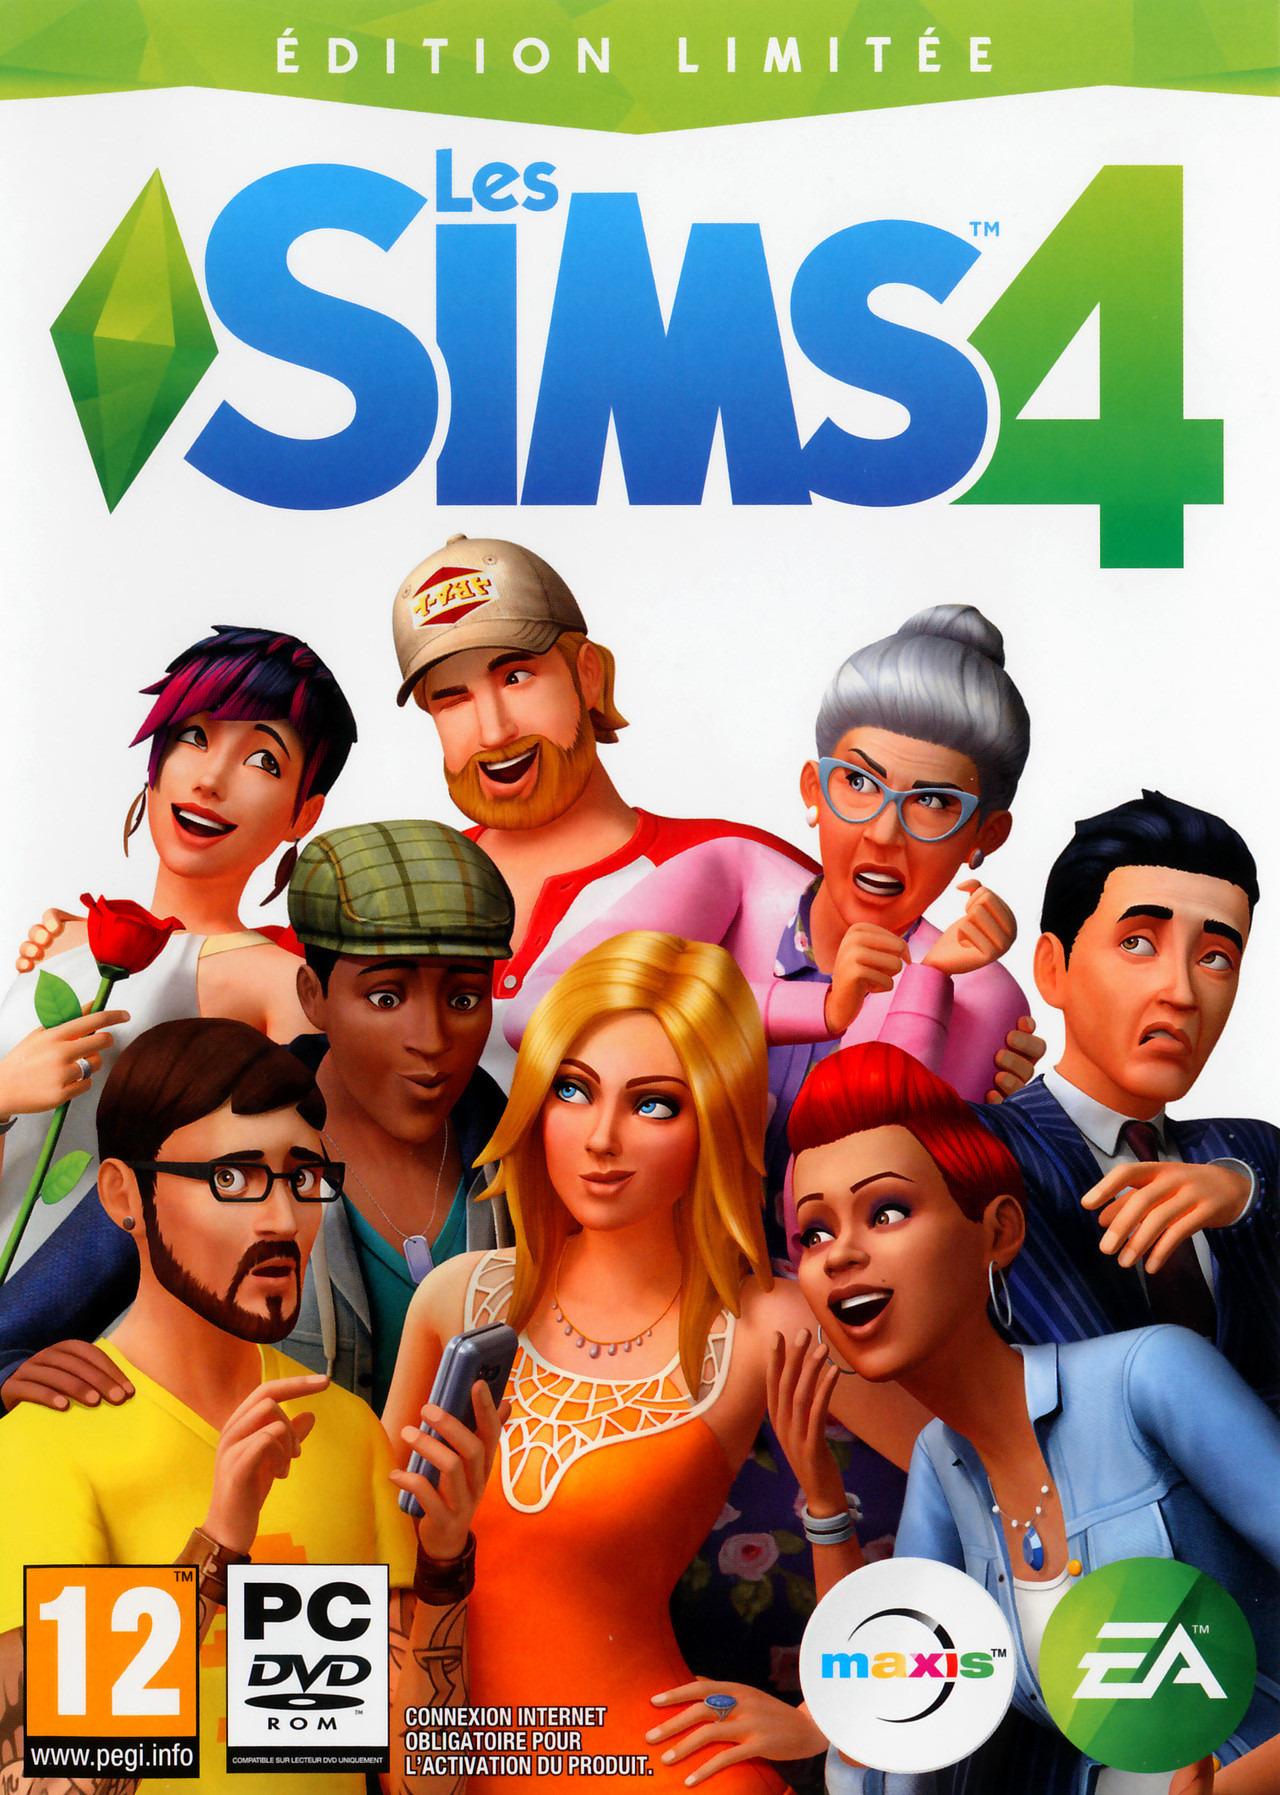 Test De Les Sims 4 - Jeu Video Giga France - Jeu Video Giga destiné Jeux Video 5 Ans